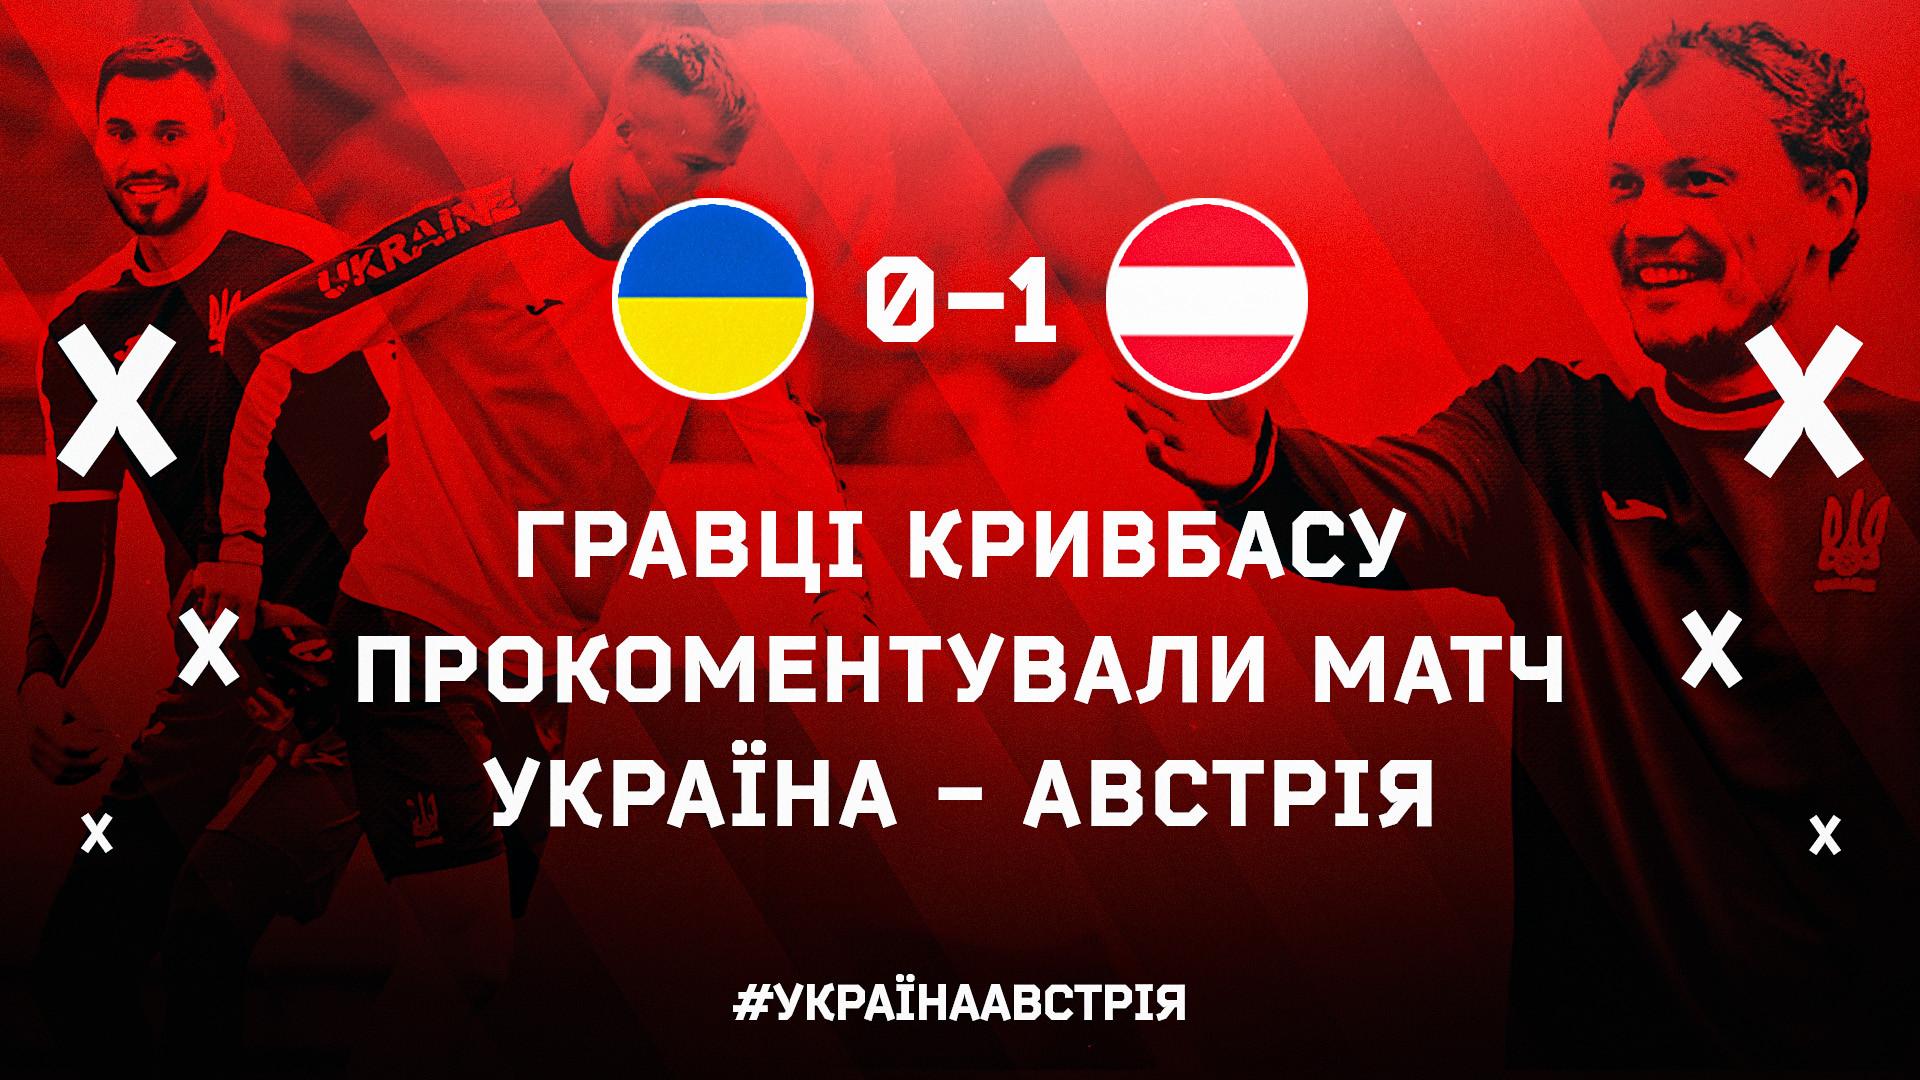 """Україна - Австрія: гравці """"Кривбасу"""" прокоментували матч}"""